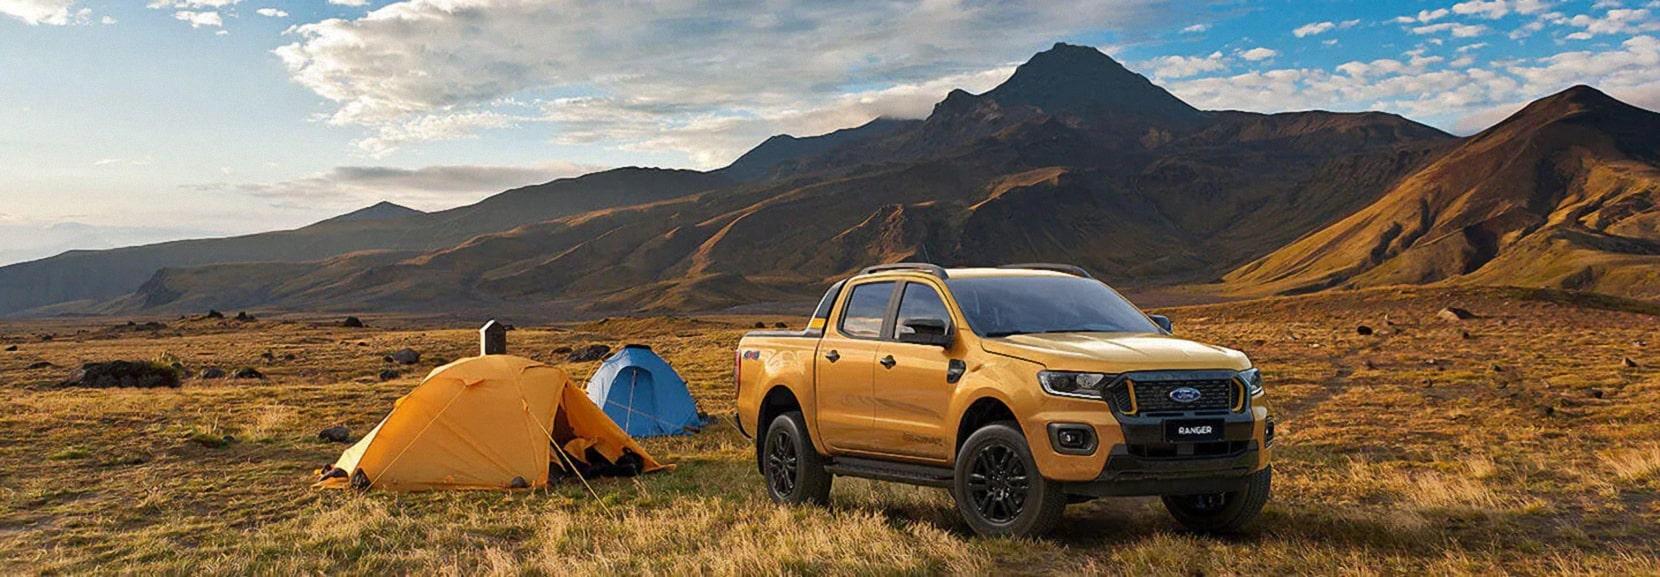 Ford Ranger 2021 - Phong Cách Riêng Biệt